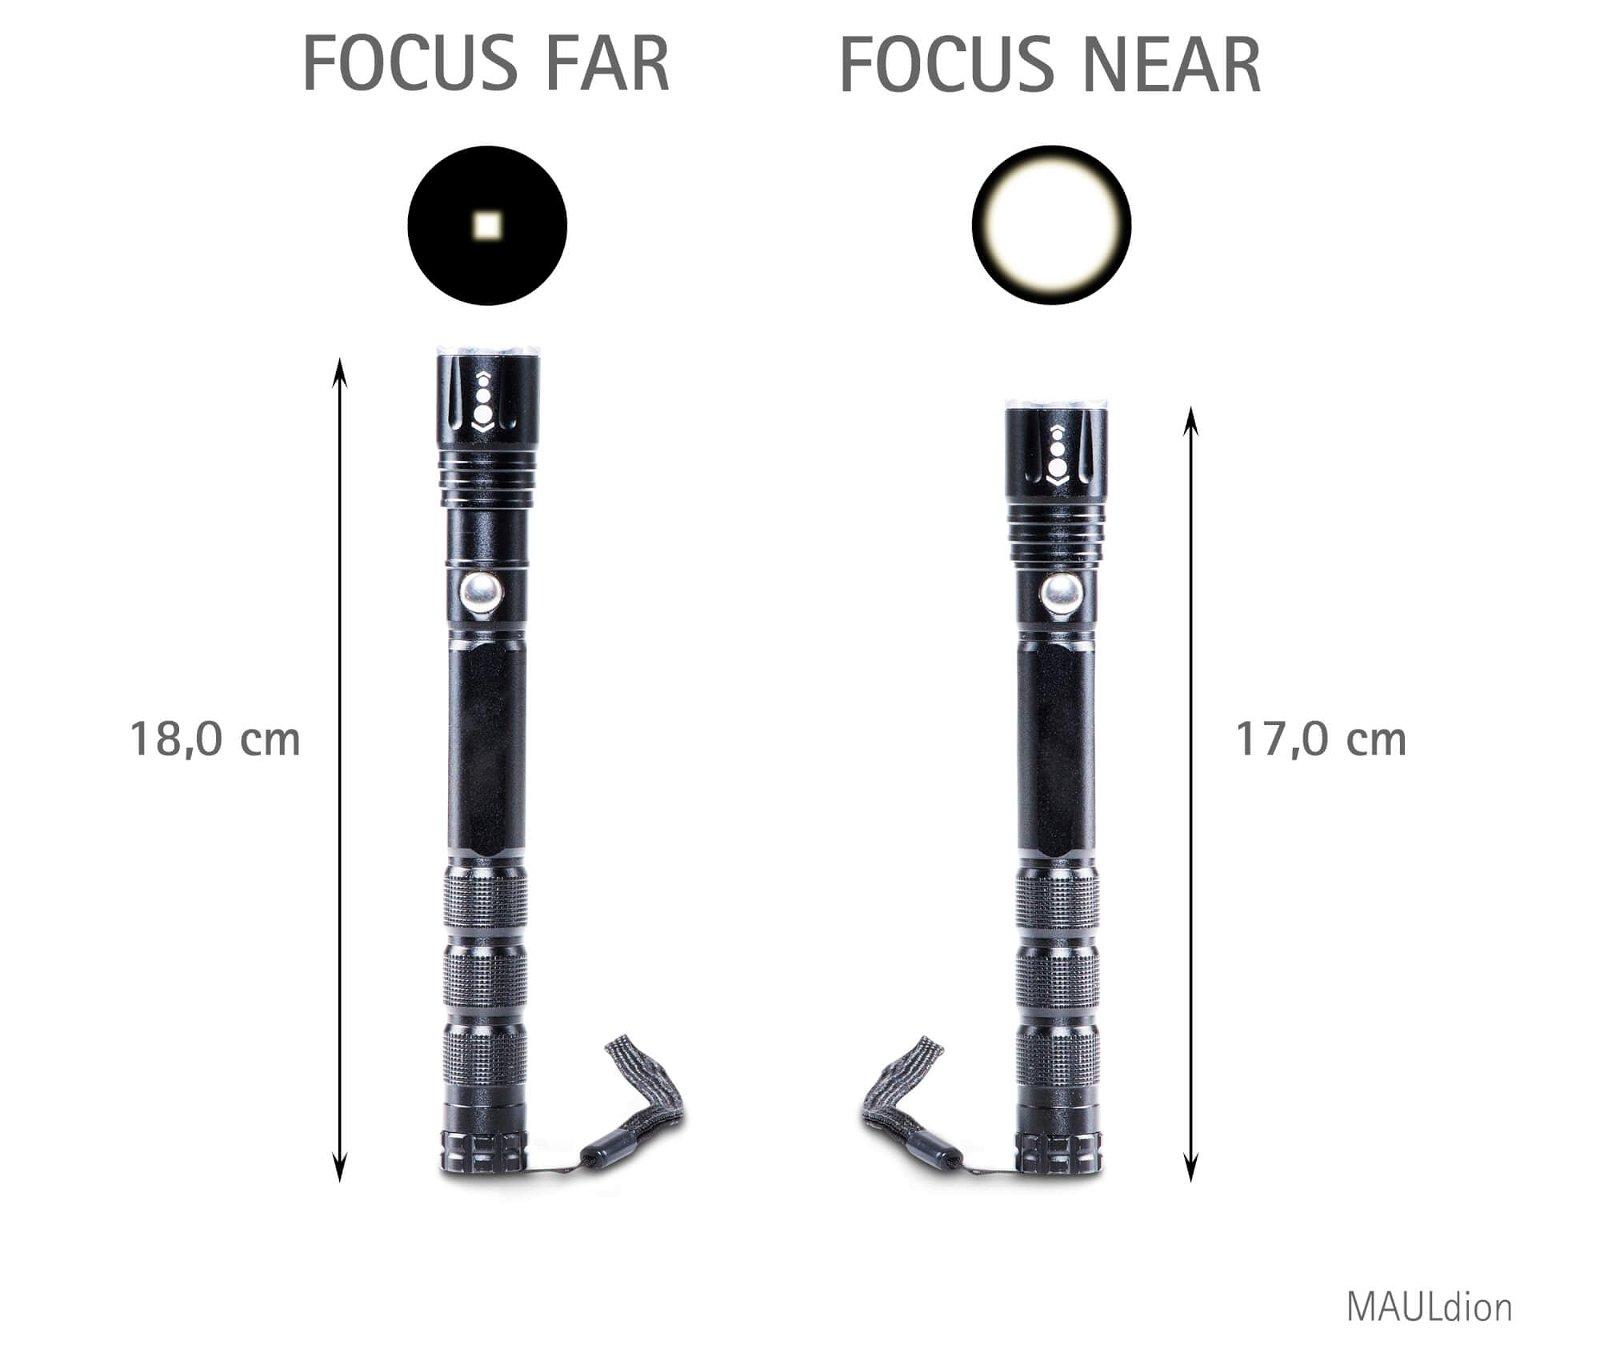 LED-Taschenlampe MAULdion Zoom